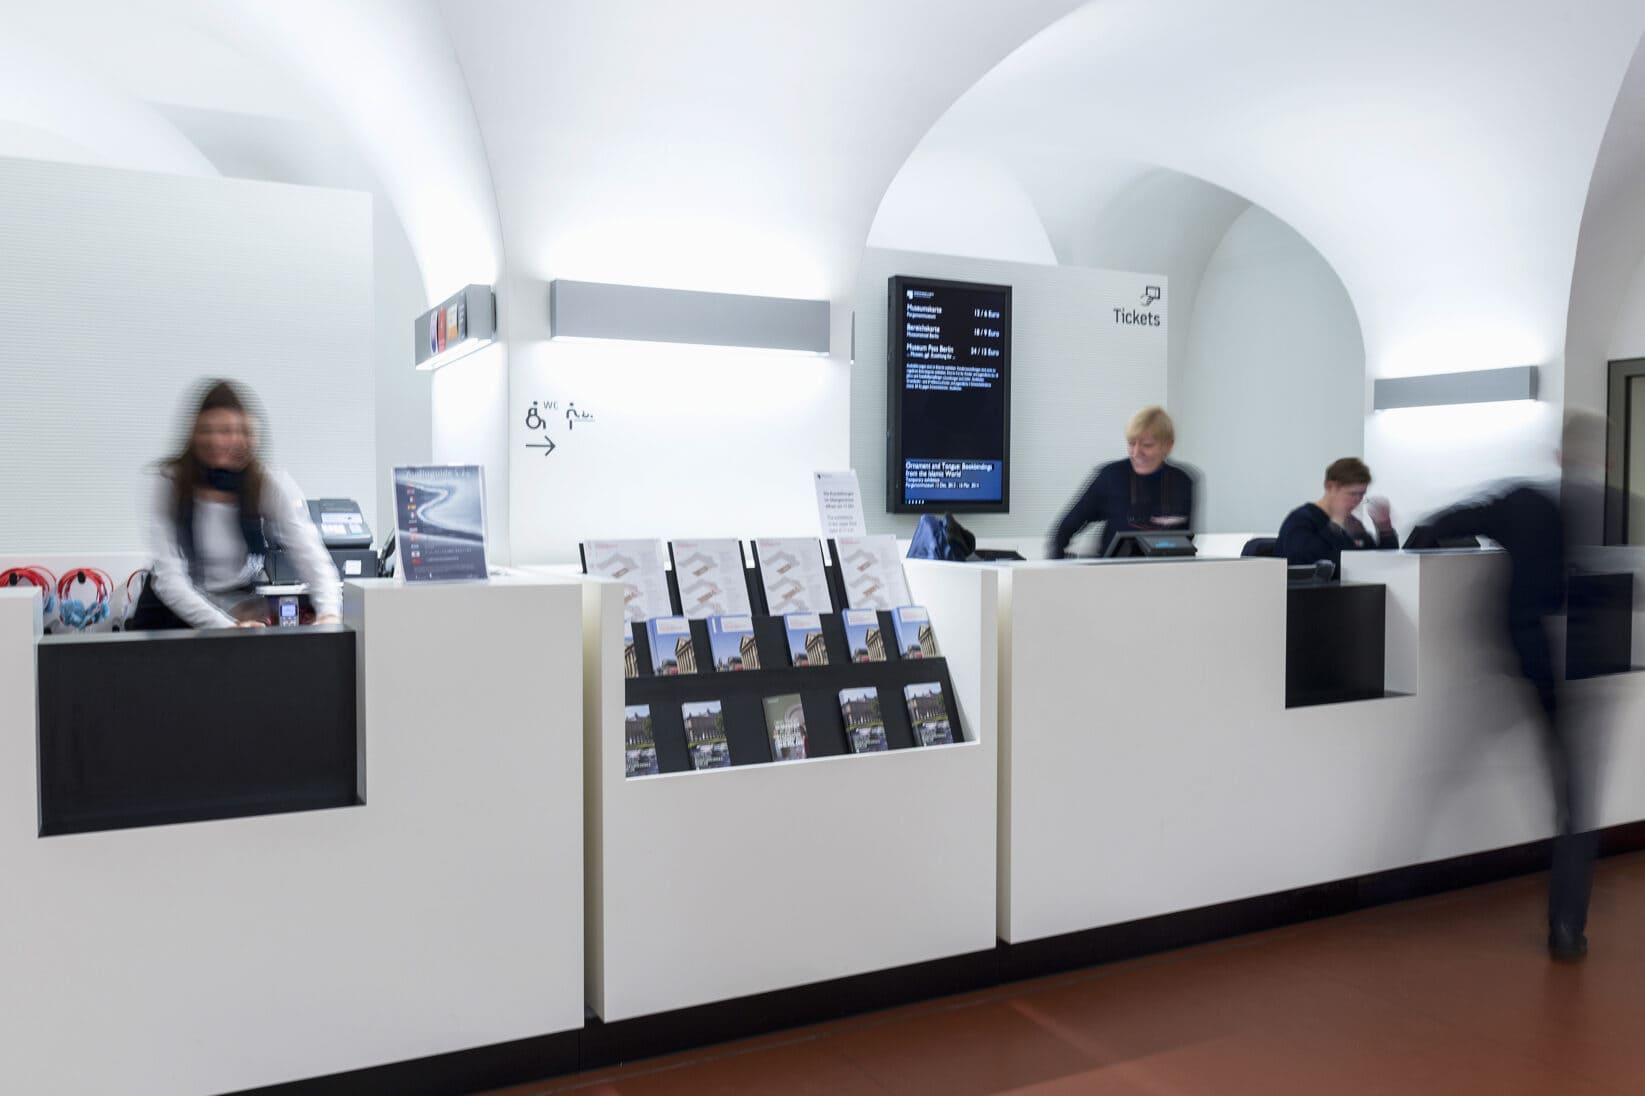 Museumsinsel Berlin Leitsystem Signaletik Gesamtkonzept Innenraum Eingangsbereich Infotresen Counter